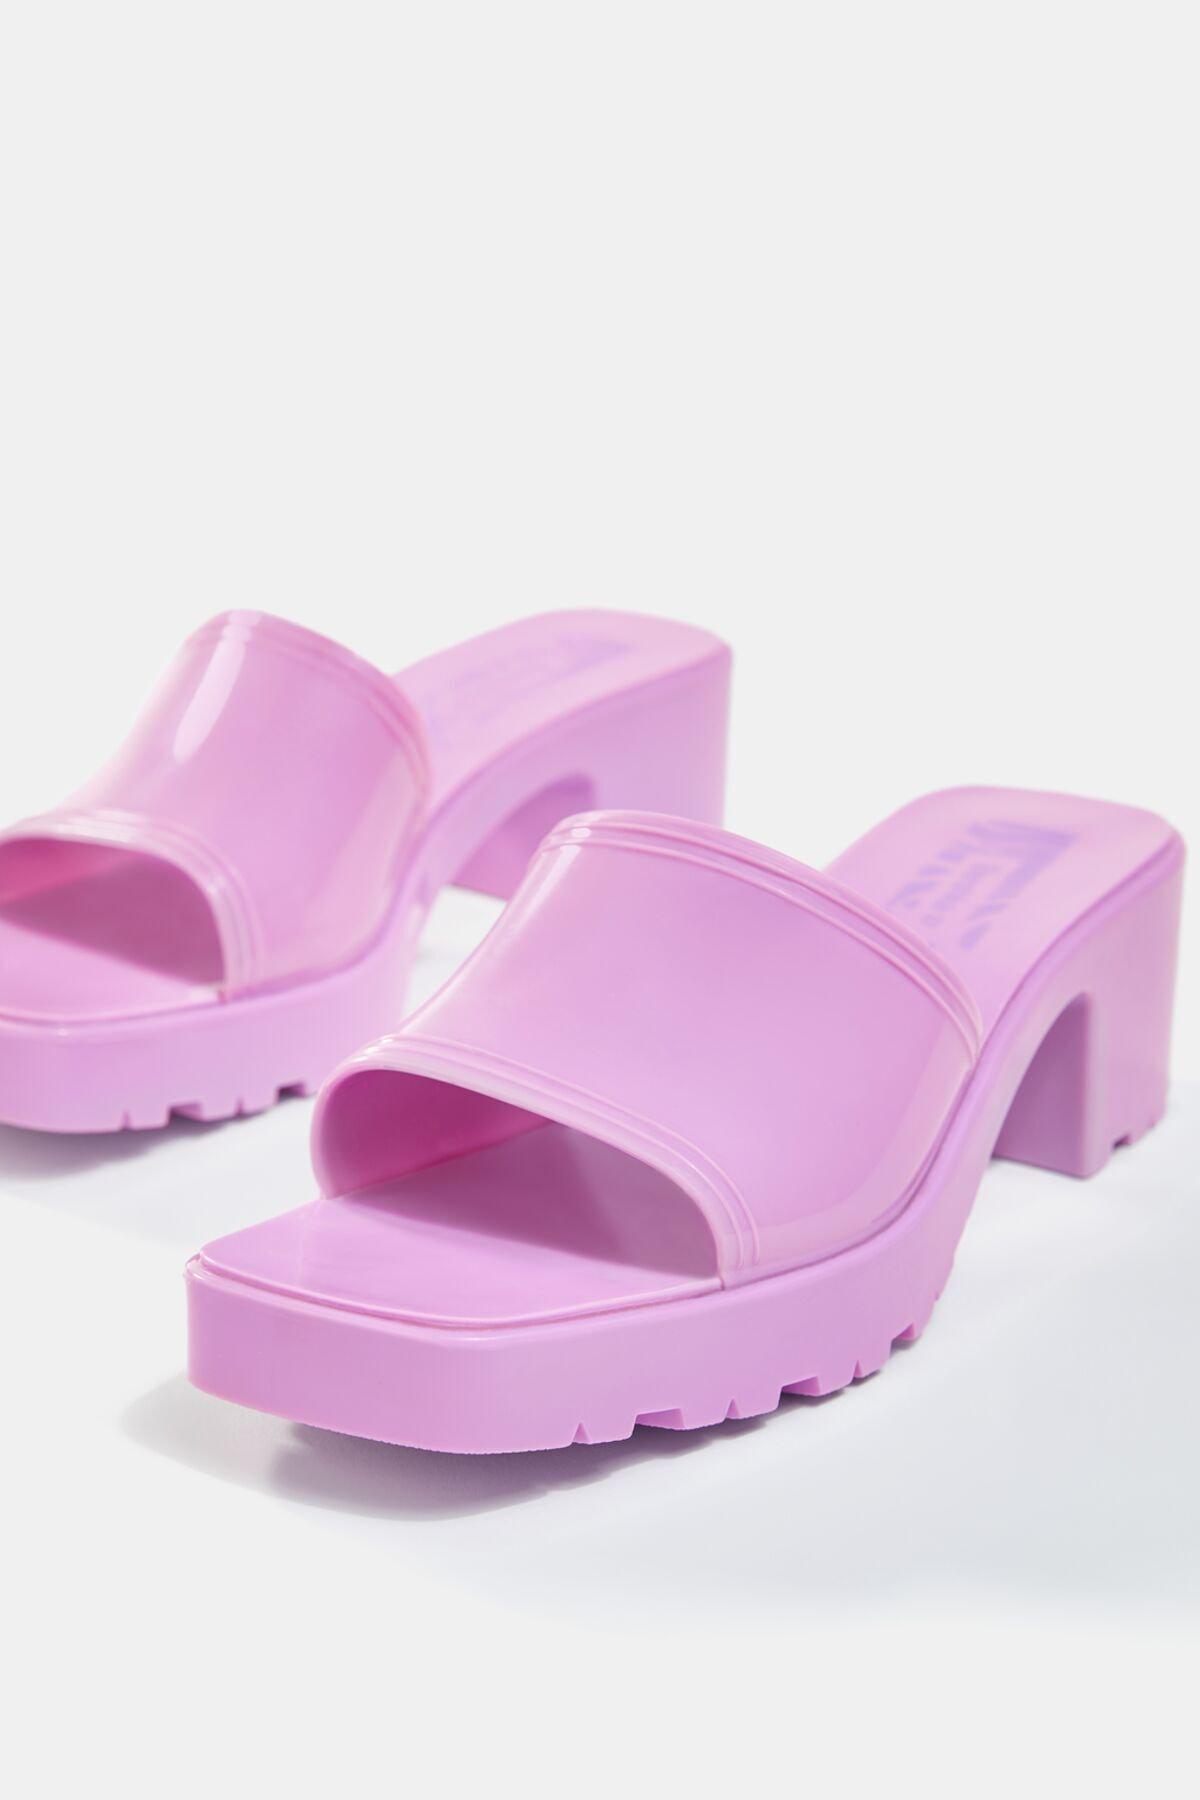 Bershka Kadın Koyu Mor Parlak Topuklu Sandalet 11721760 3